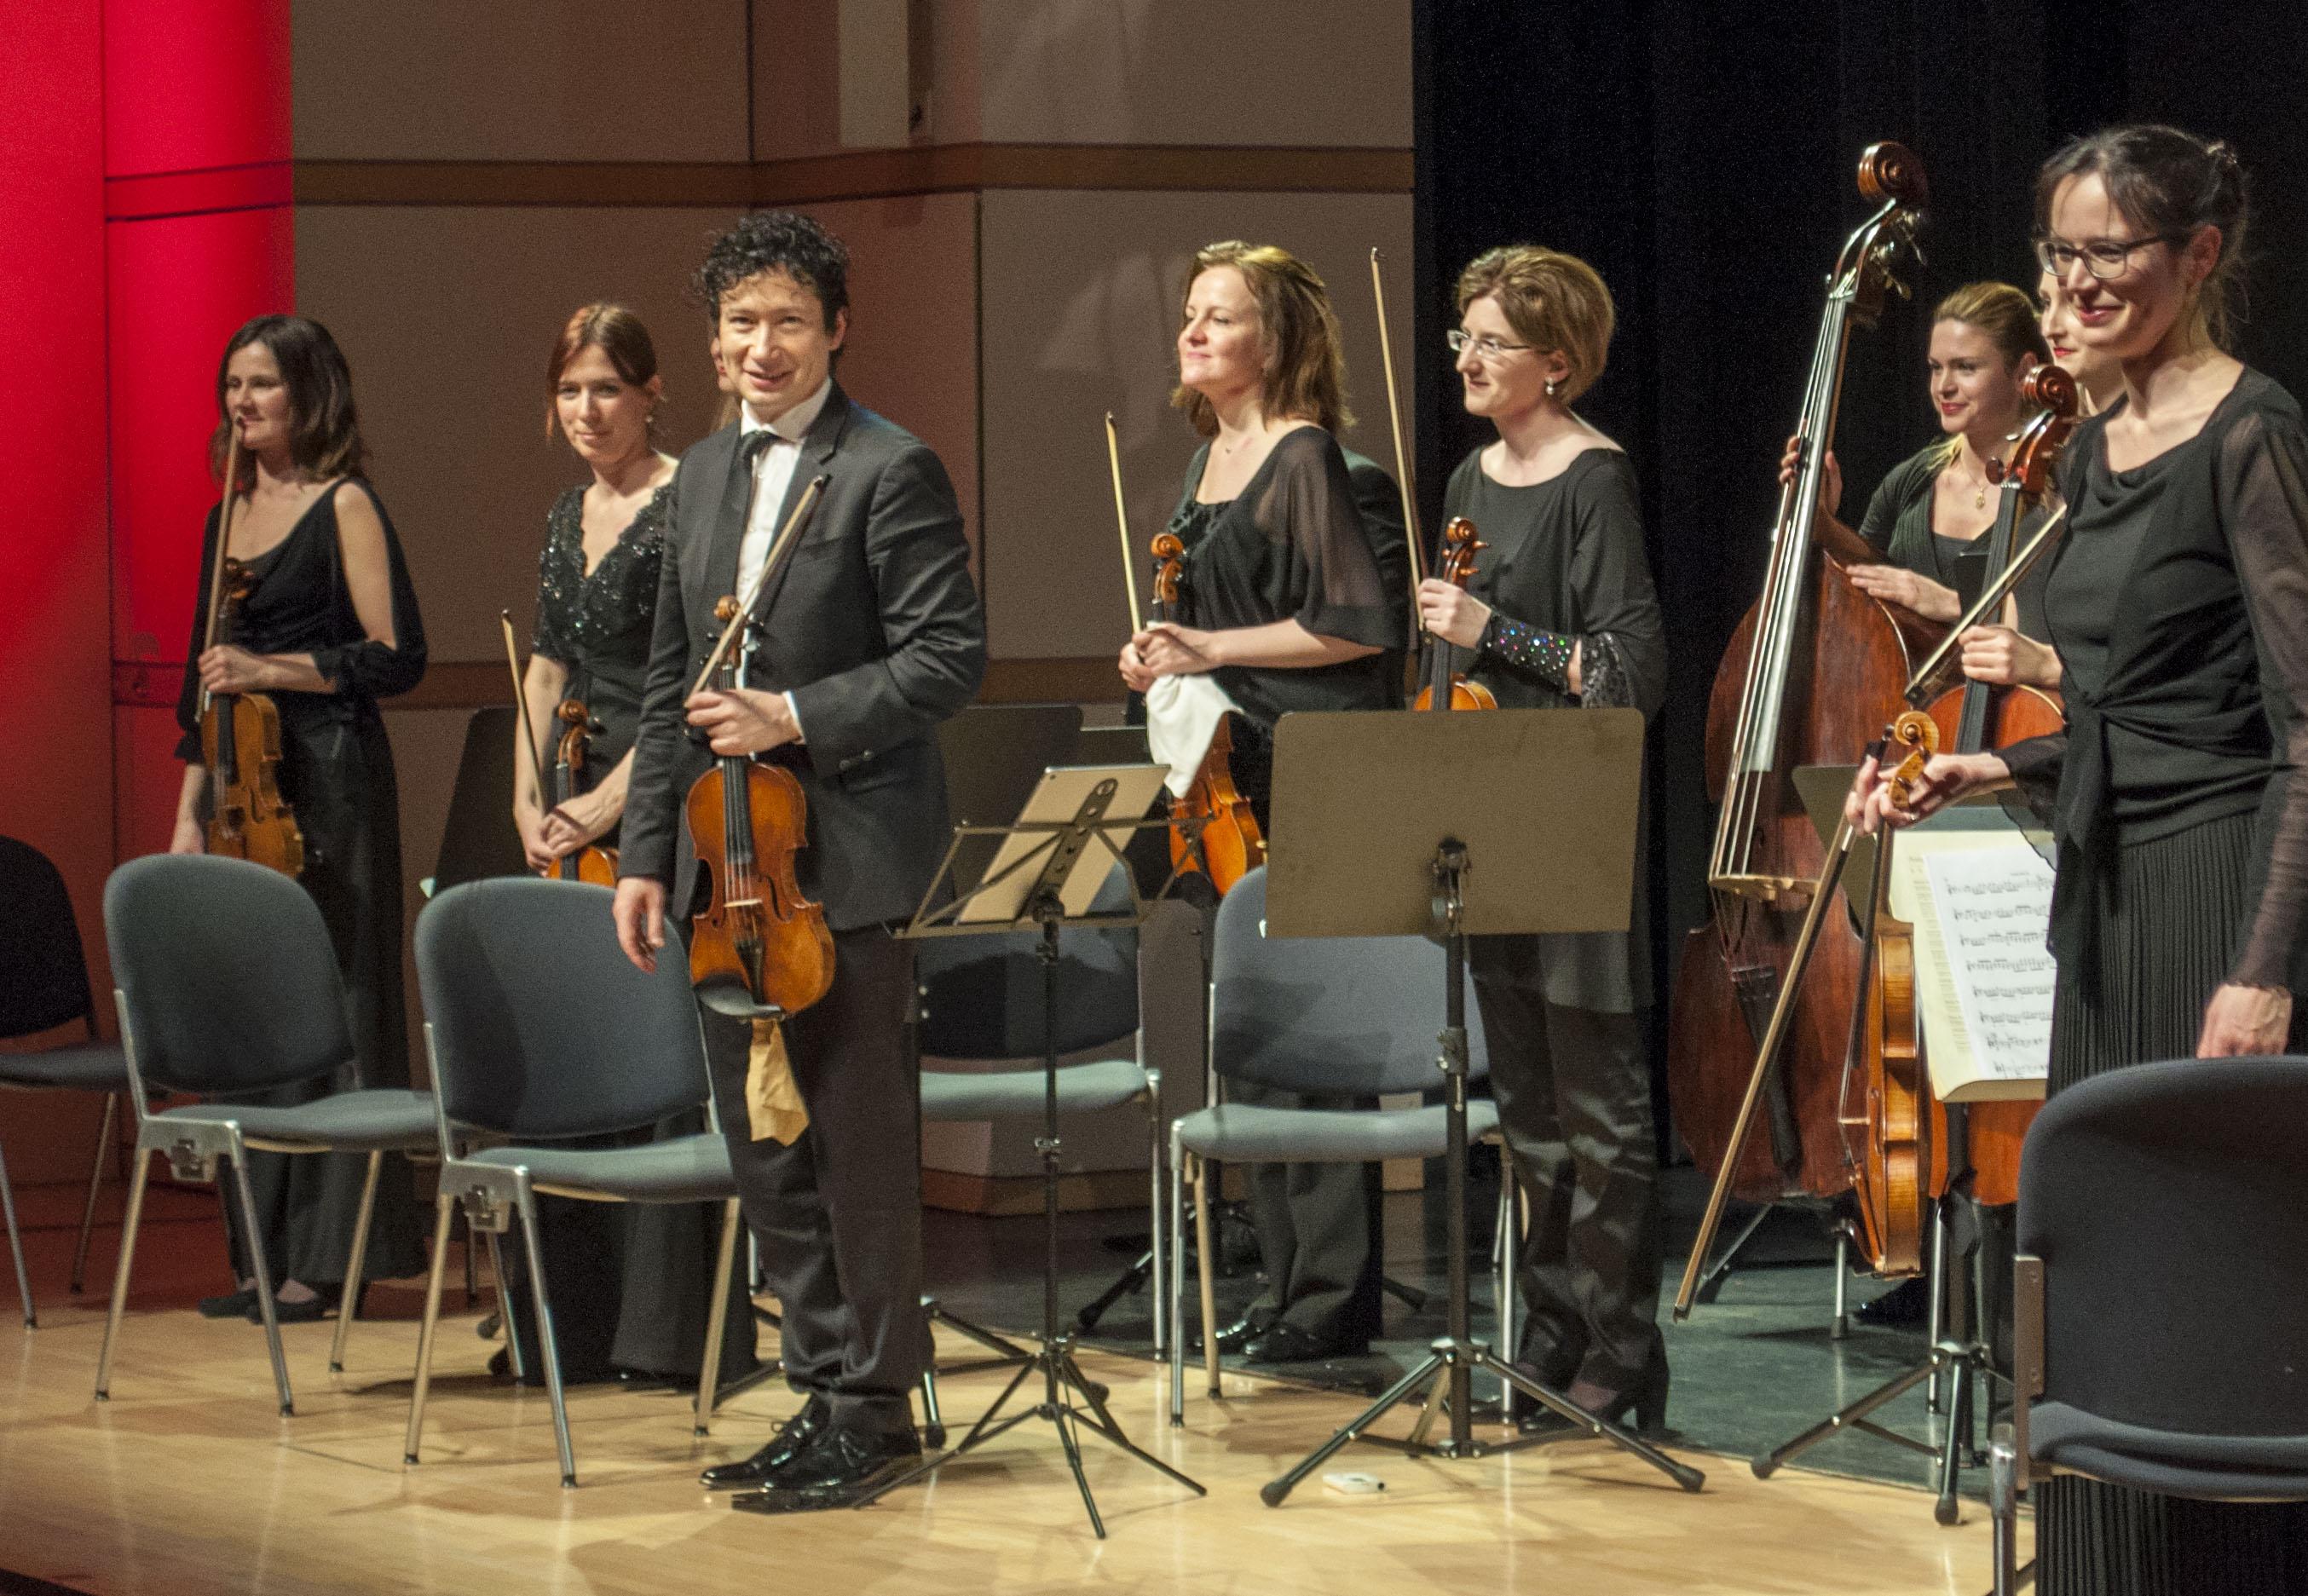 Geniessen den Applaus: Die Zuger Sinfonietta und der Geiger Daniel Dodds.